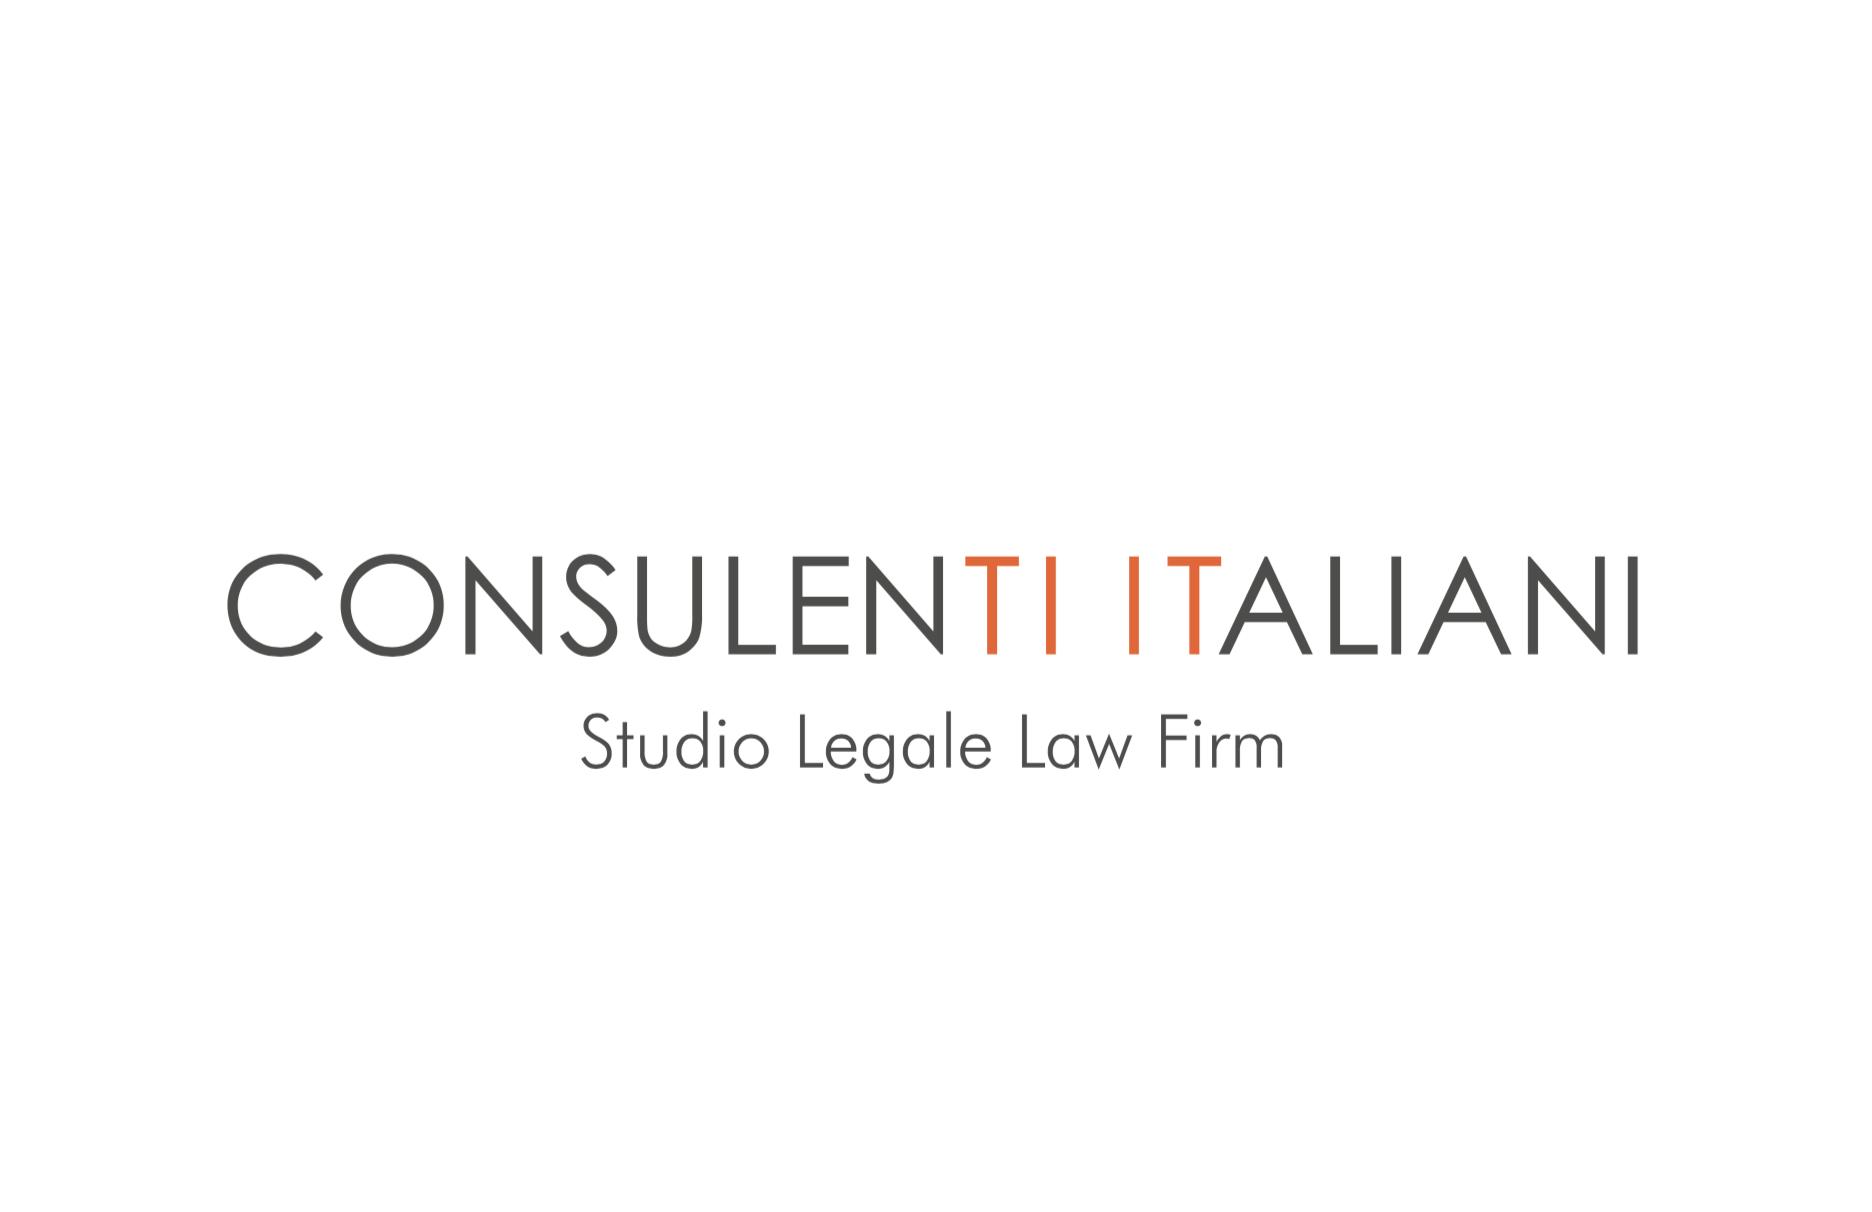 Consulenti Italiani Studio Legale Law Firm